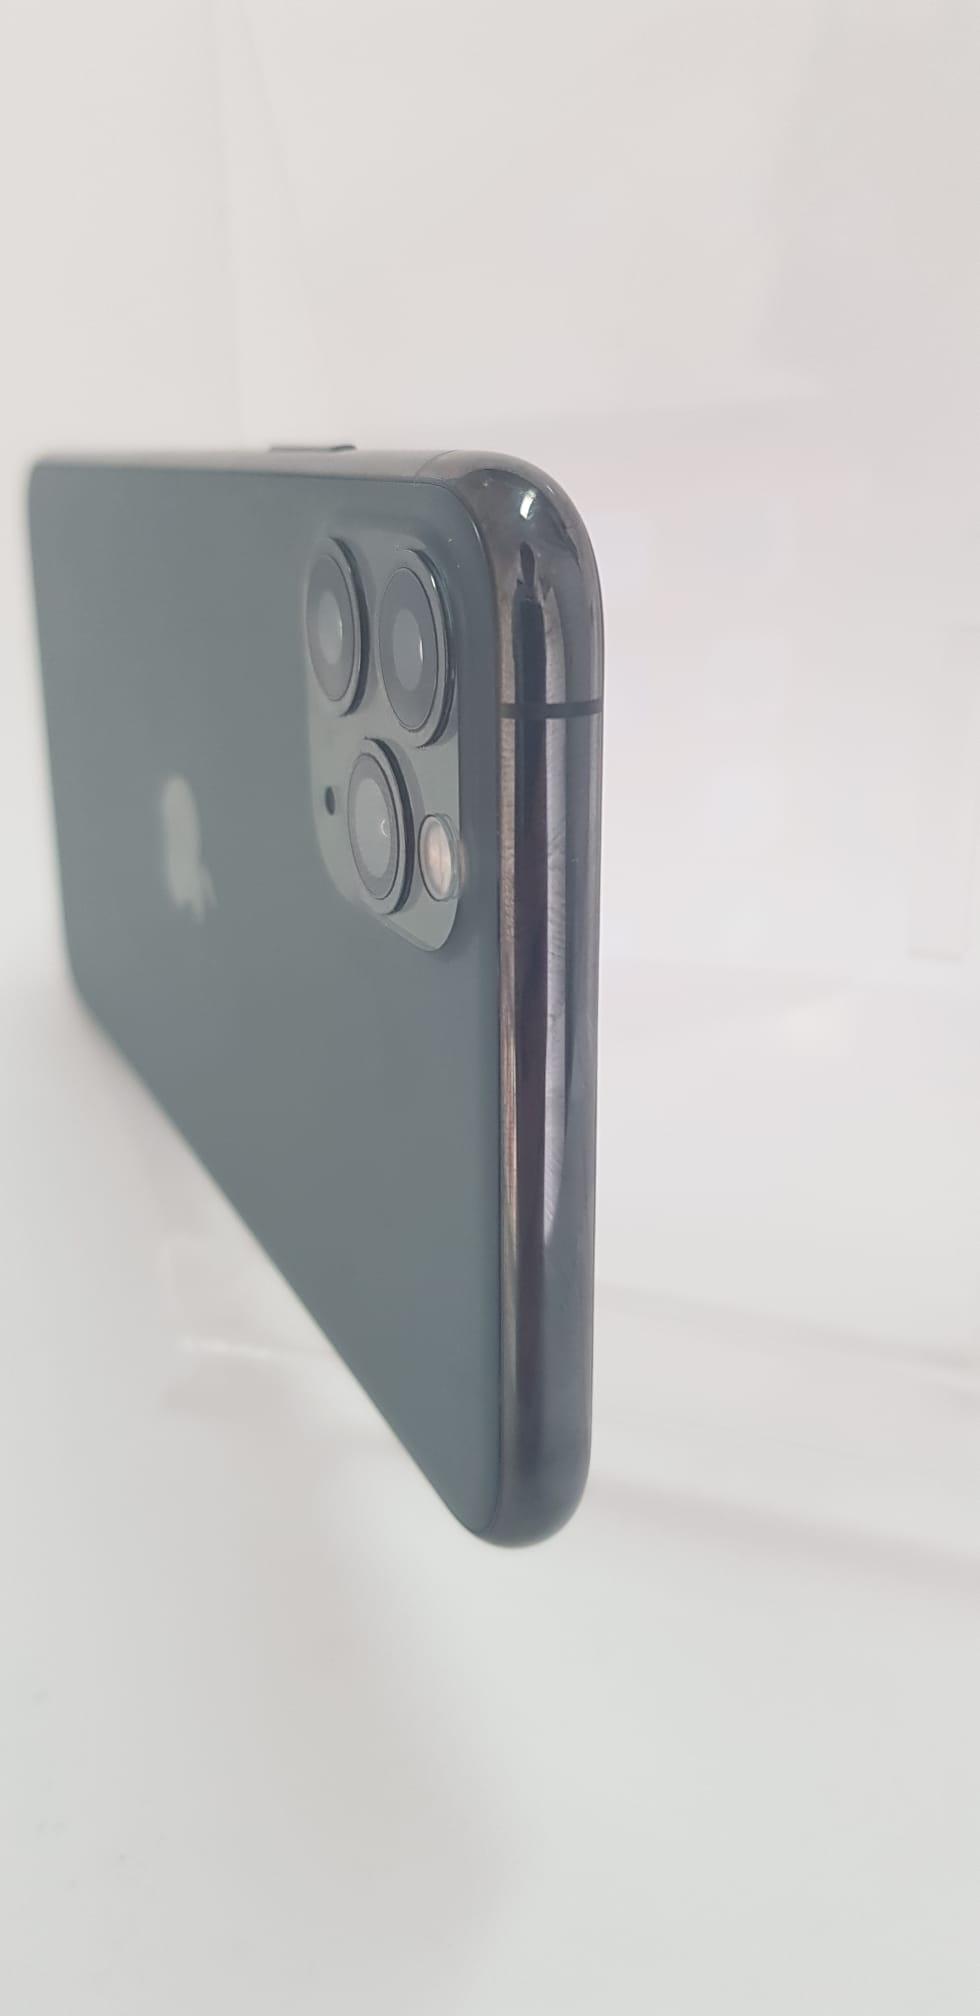 Iphone 11 Pro Max #3